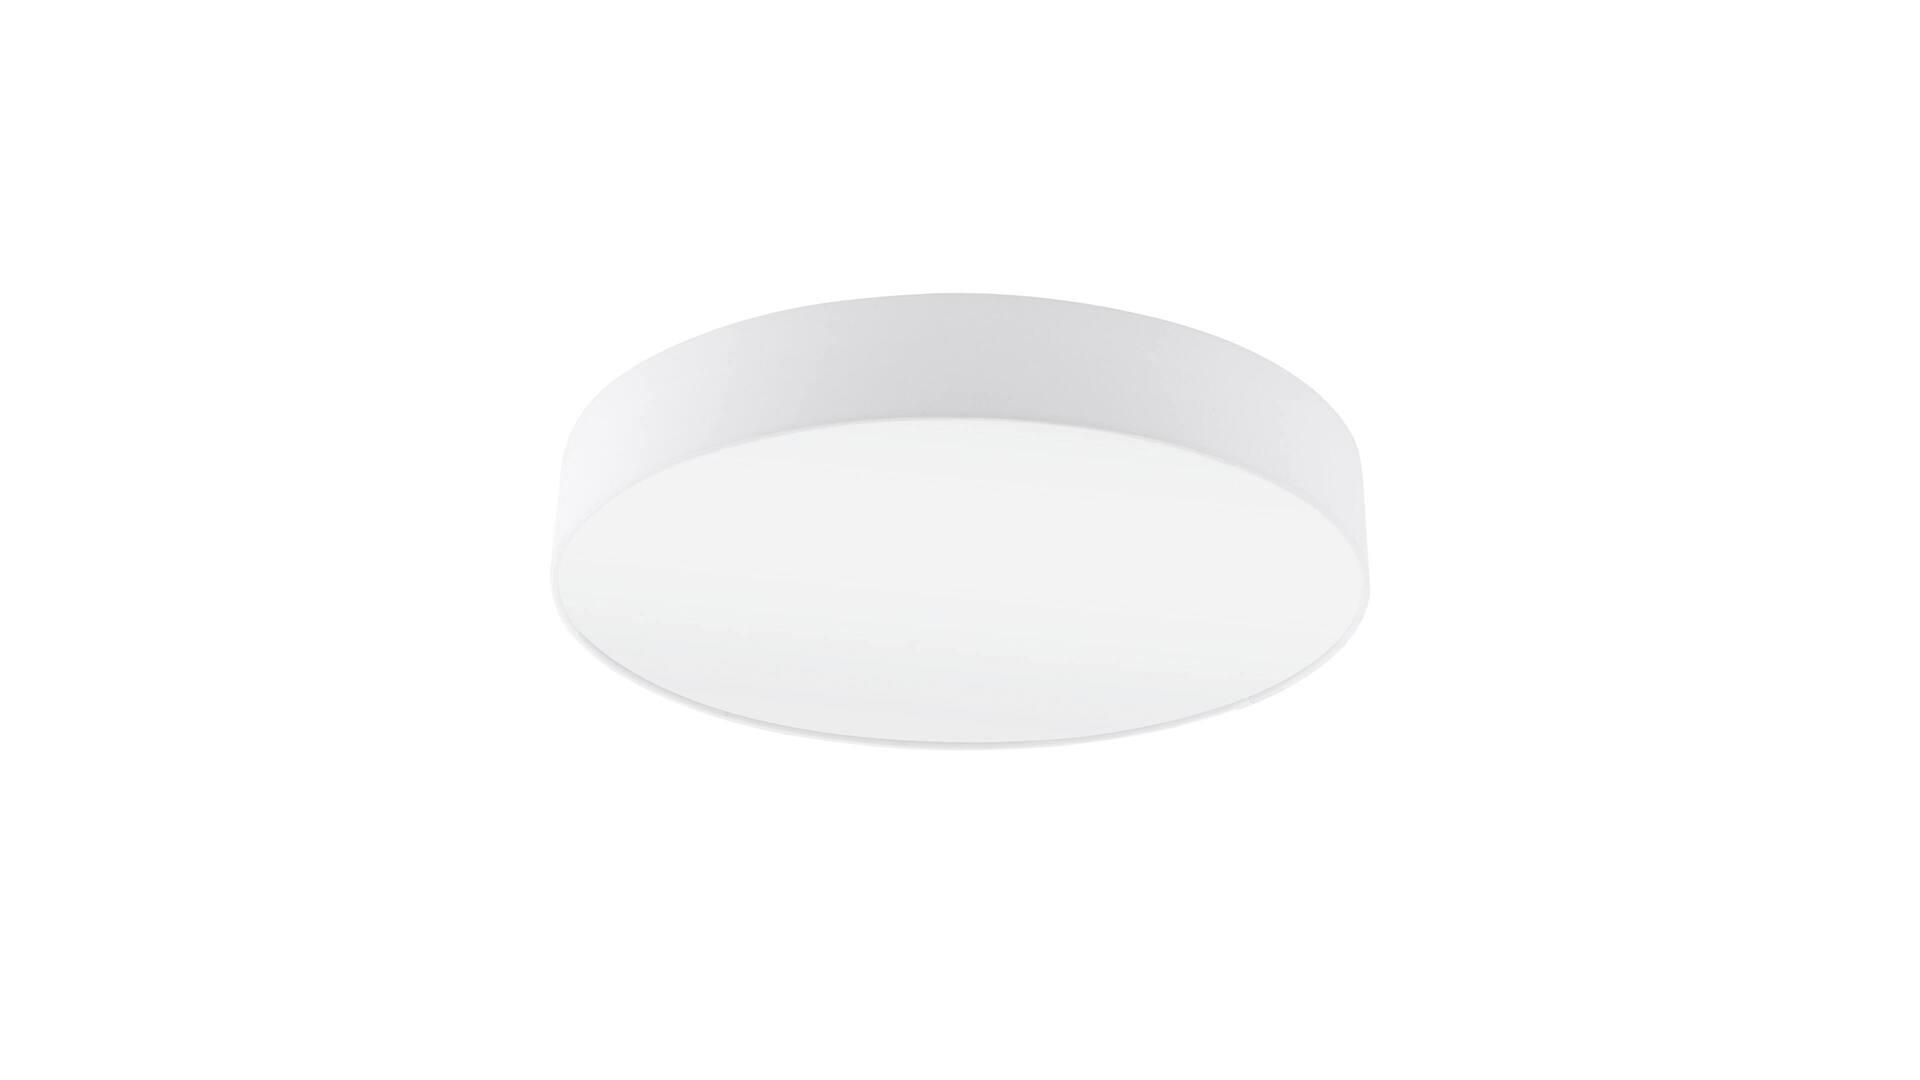 EGLO Deckenleuchte Pasteri bzw. Deckenlampe